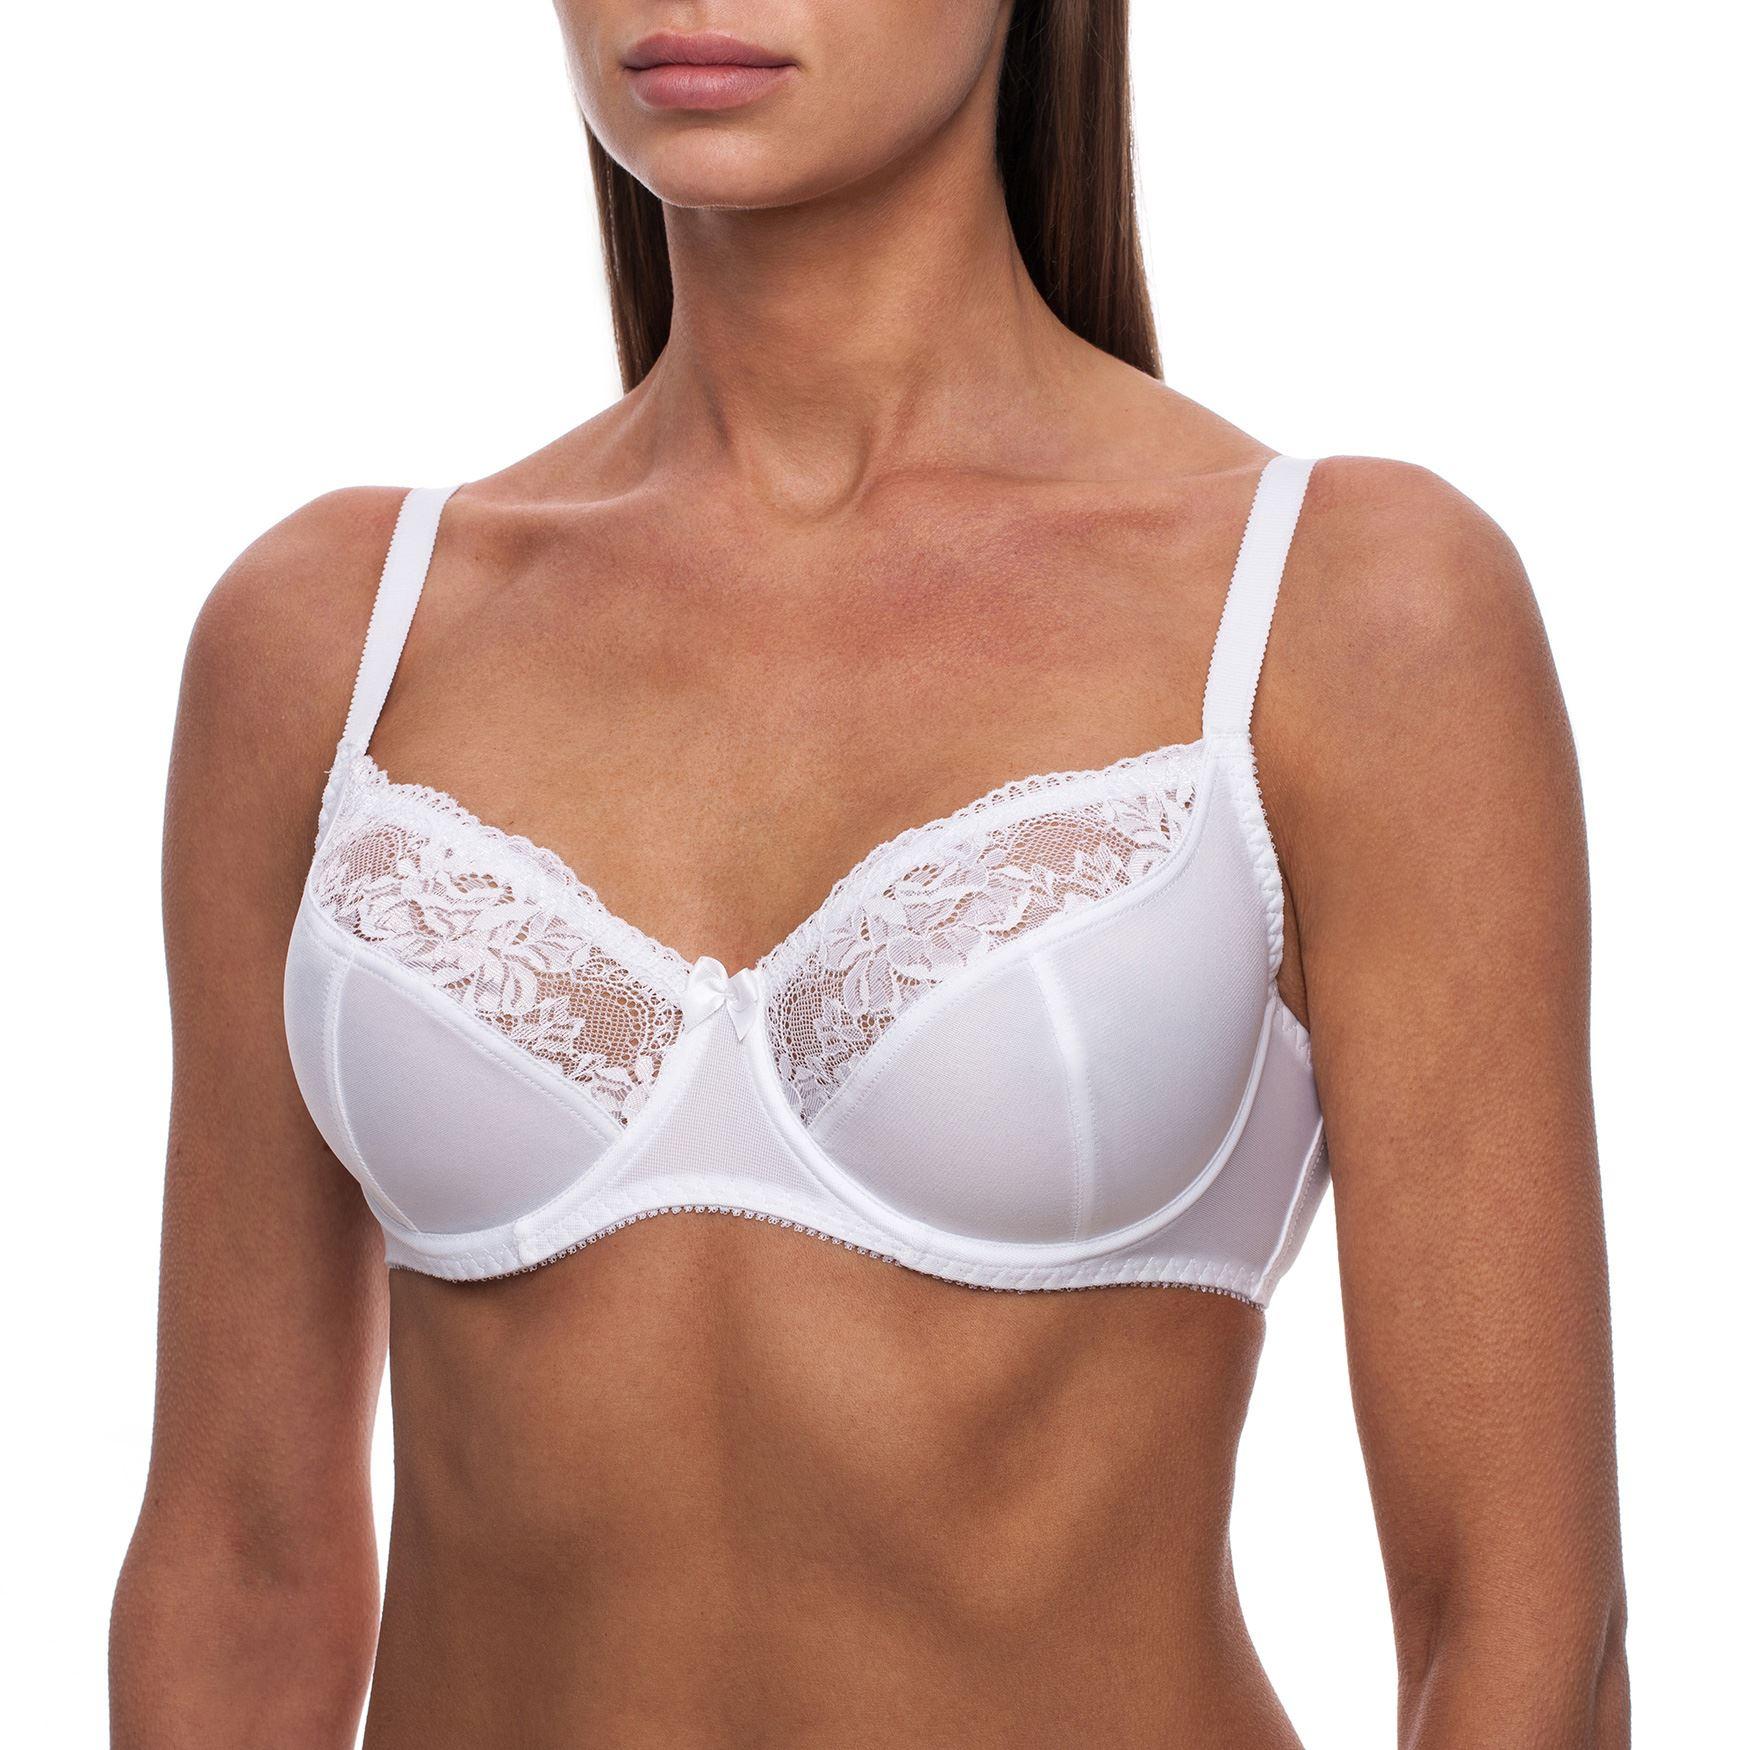 Soutien-gorge-sexy-Emboitant-Sans-complexe-Avec-armature-Non-rembourre-Femme